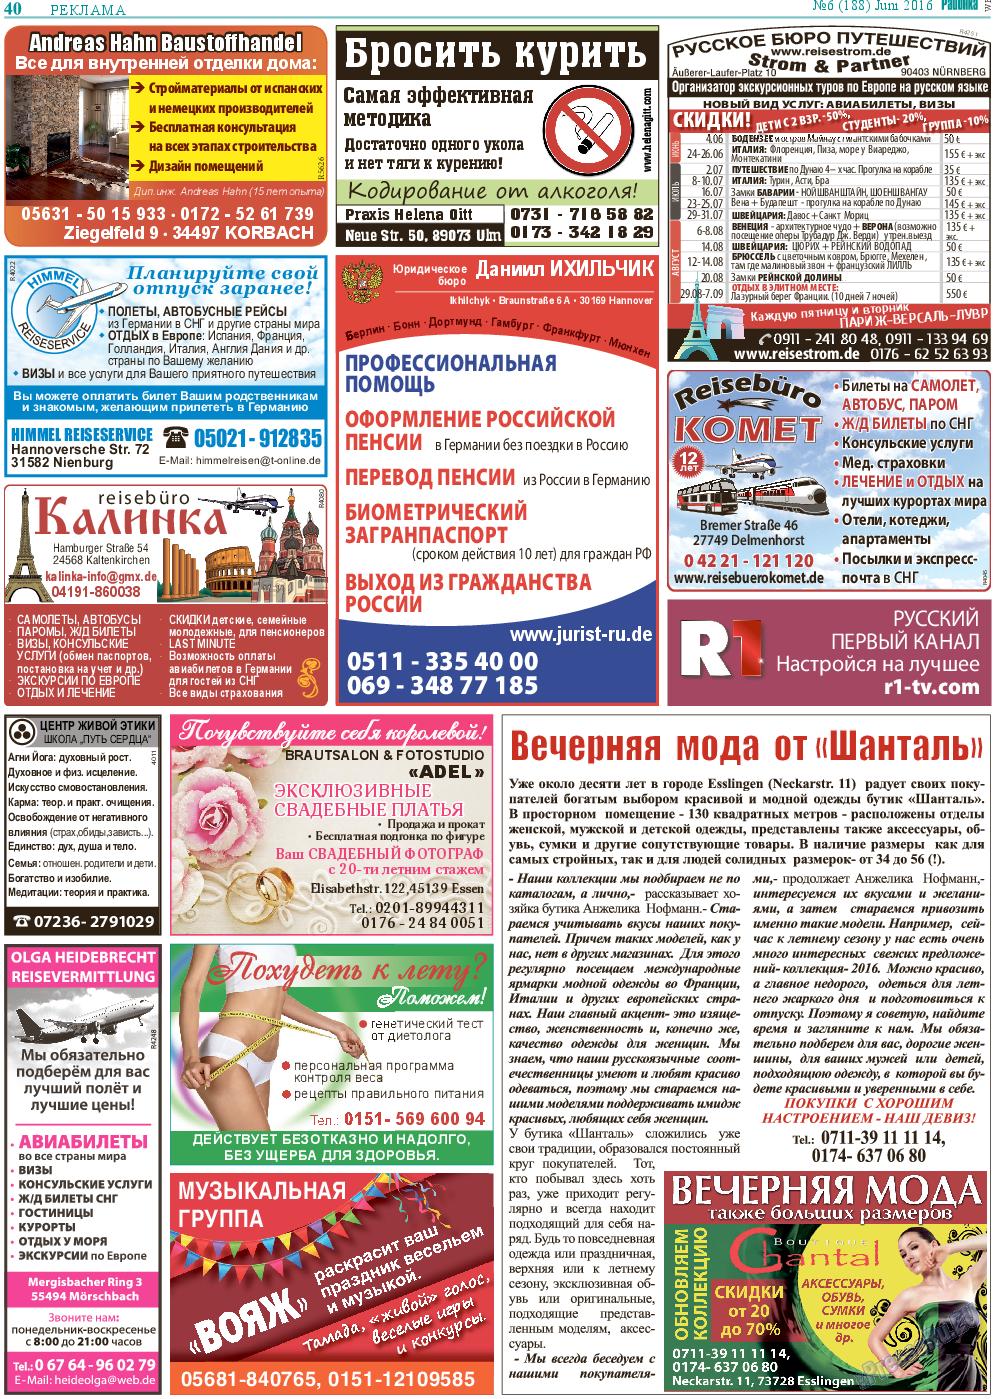 Районка-West (газета). 2016 год, номер 6, стр. 40